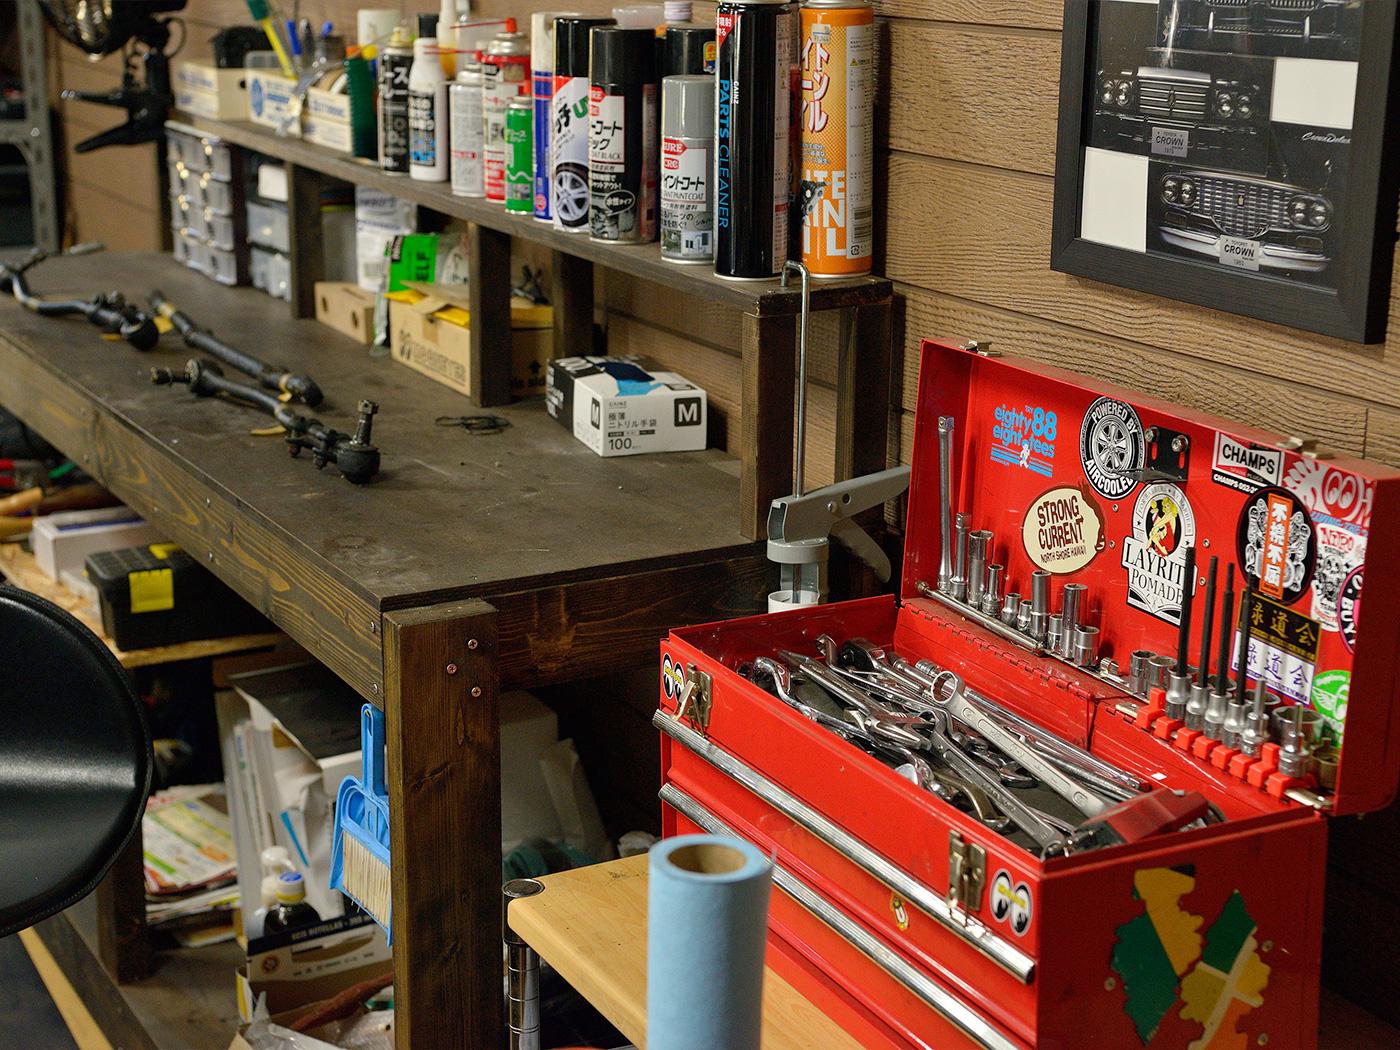 ガレージにあるお気に入りの工具セット。